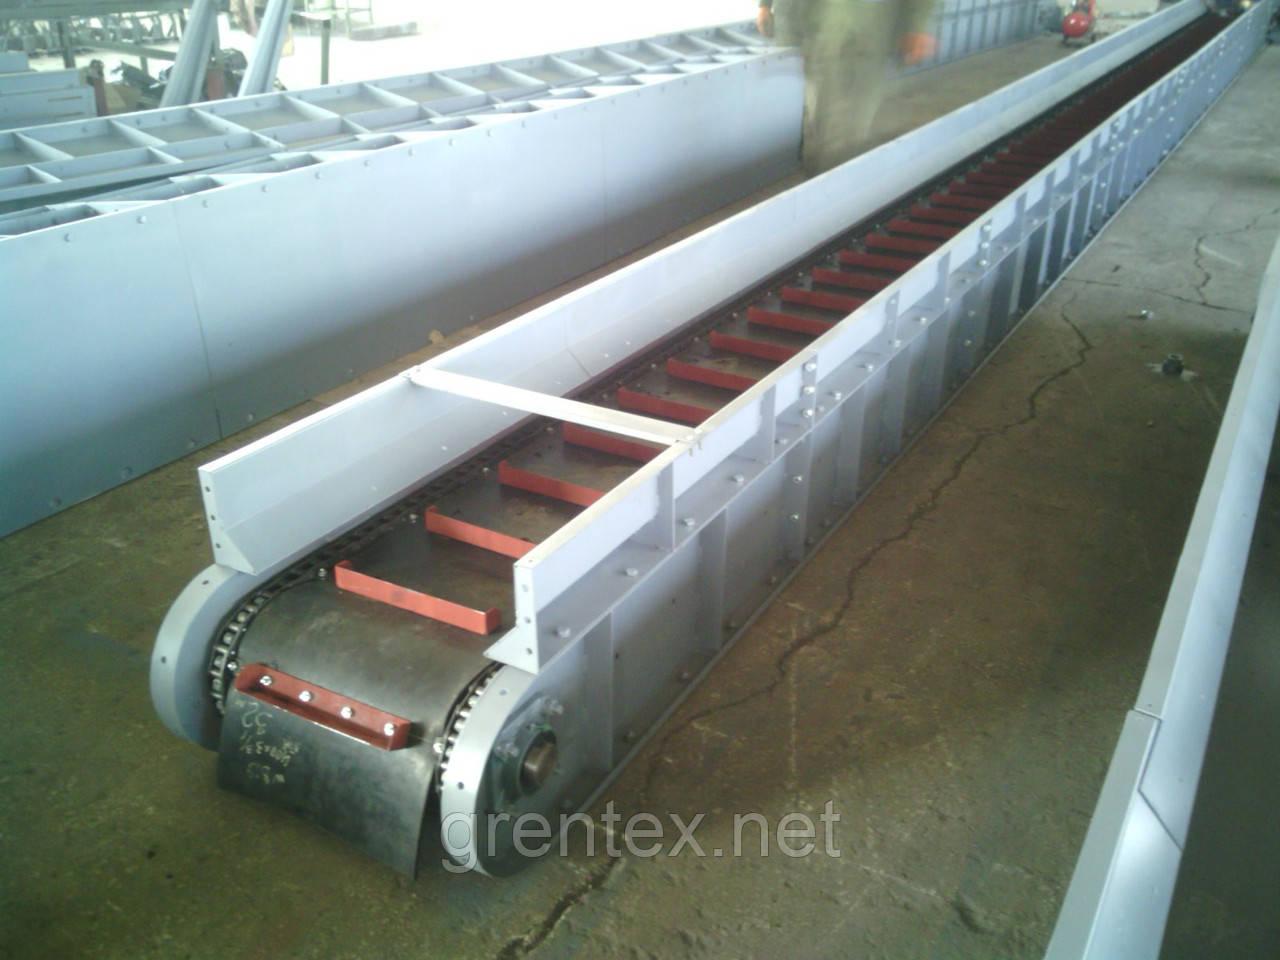 Транспортер пластинчатый в 650 снегоуборщик с транспортером